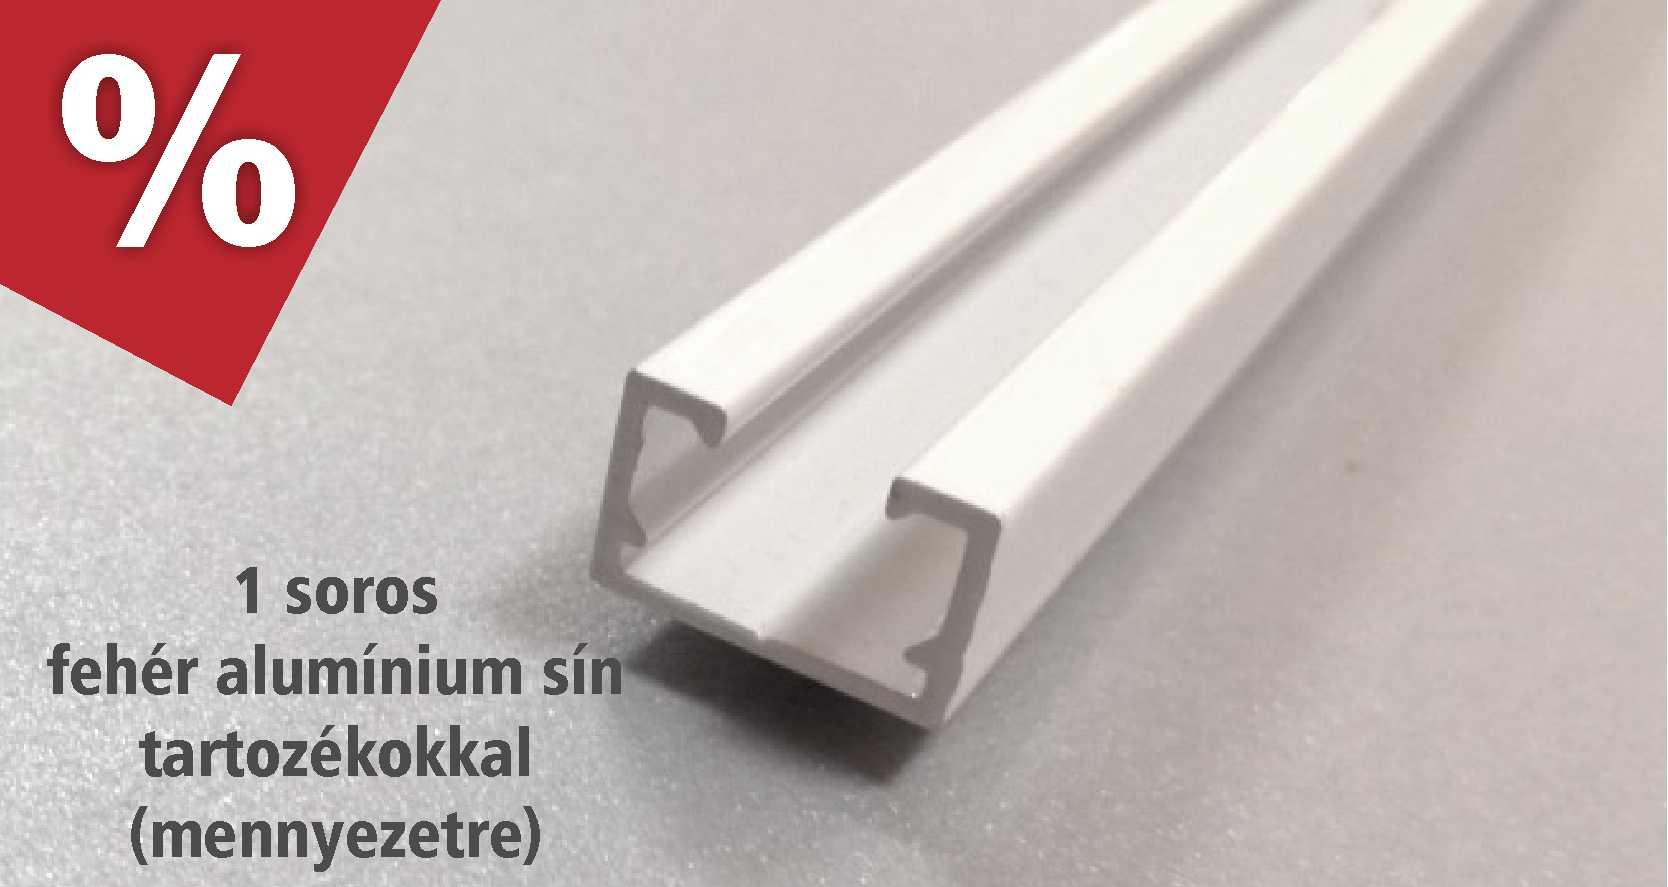 1 soros alumínium sín tartozékokkal több méretben - szeptemberben 10% kedvezménnyel - www.karnisstudio.hu